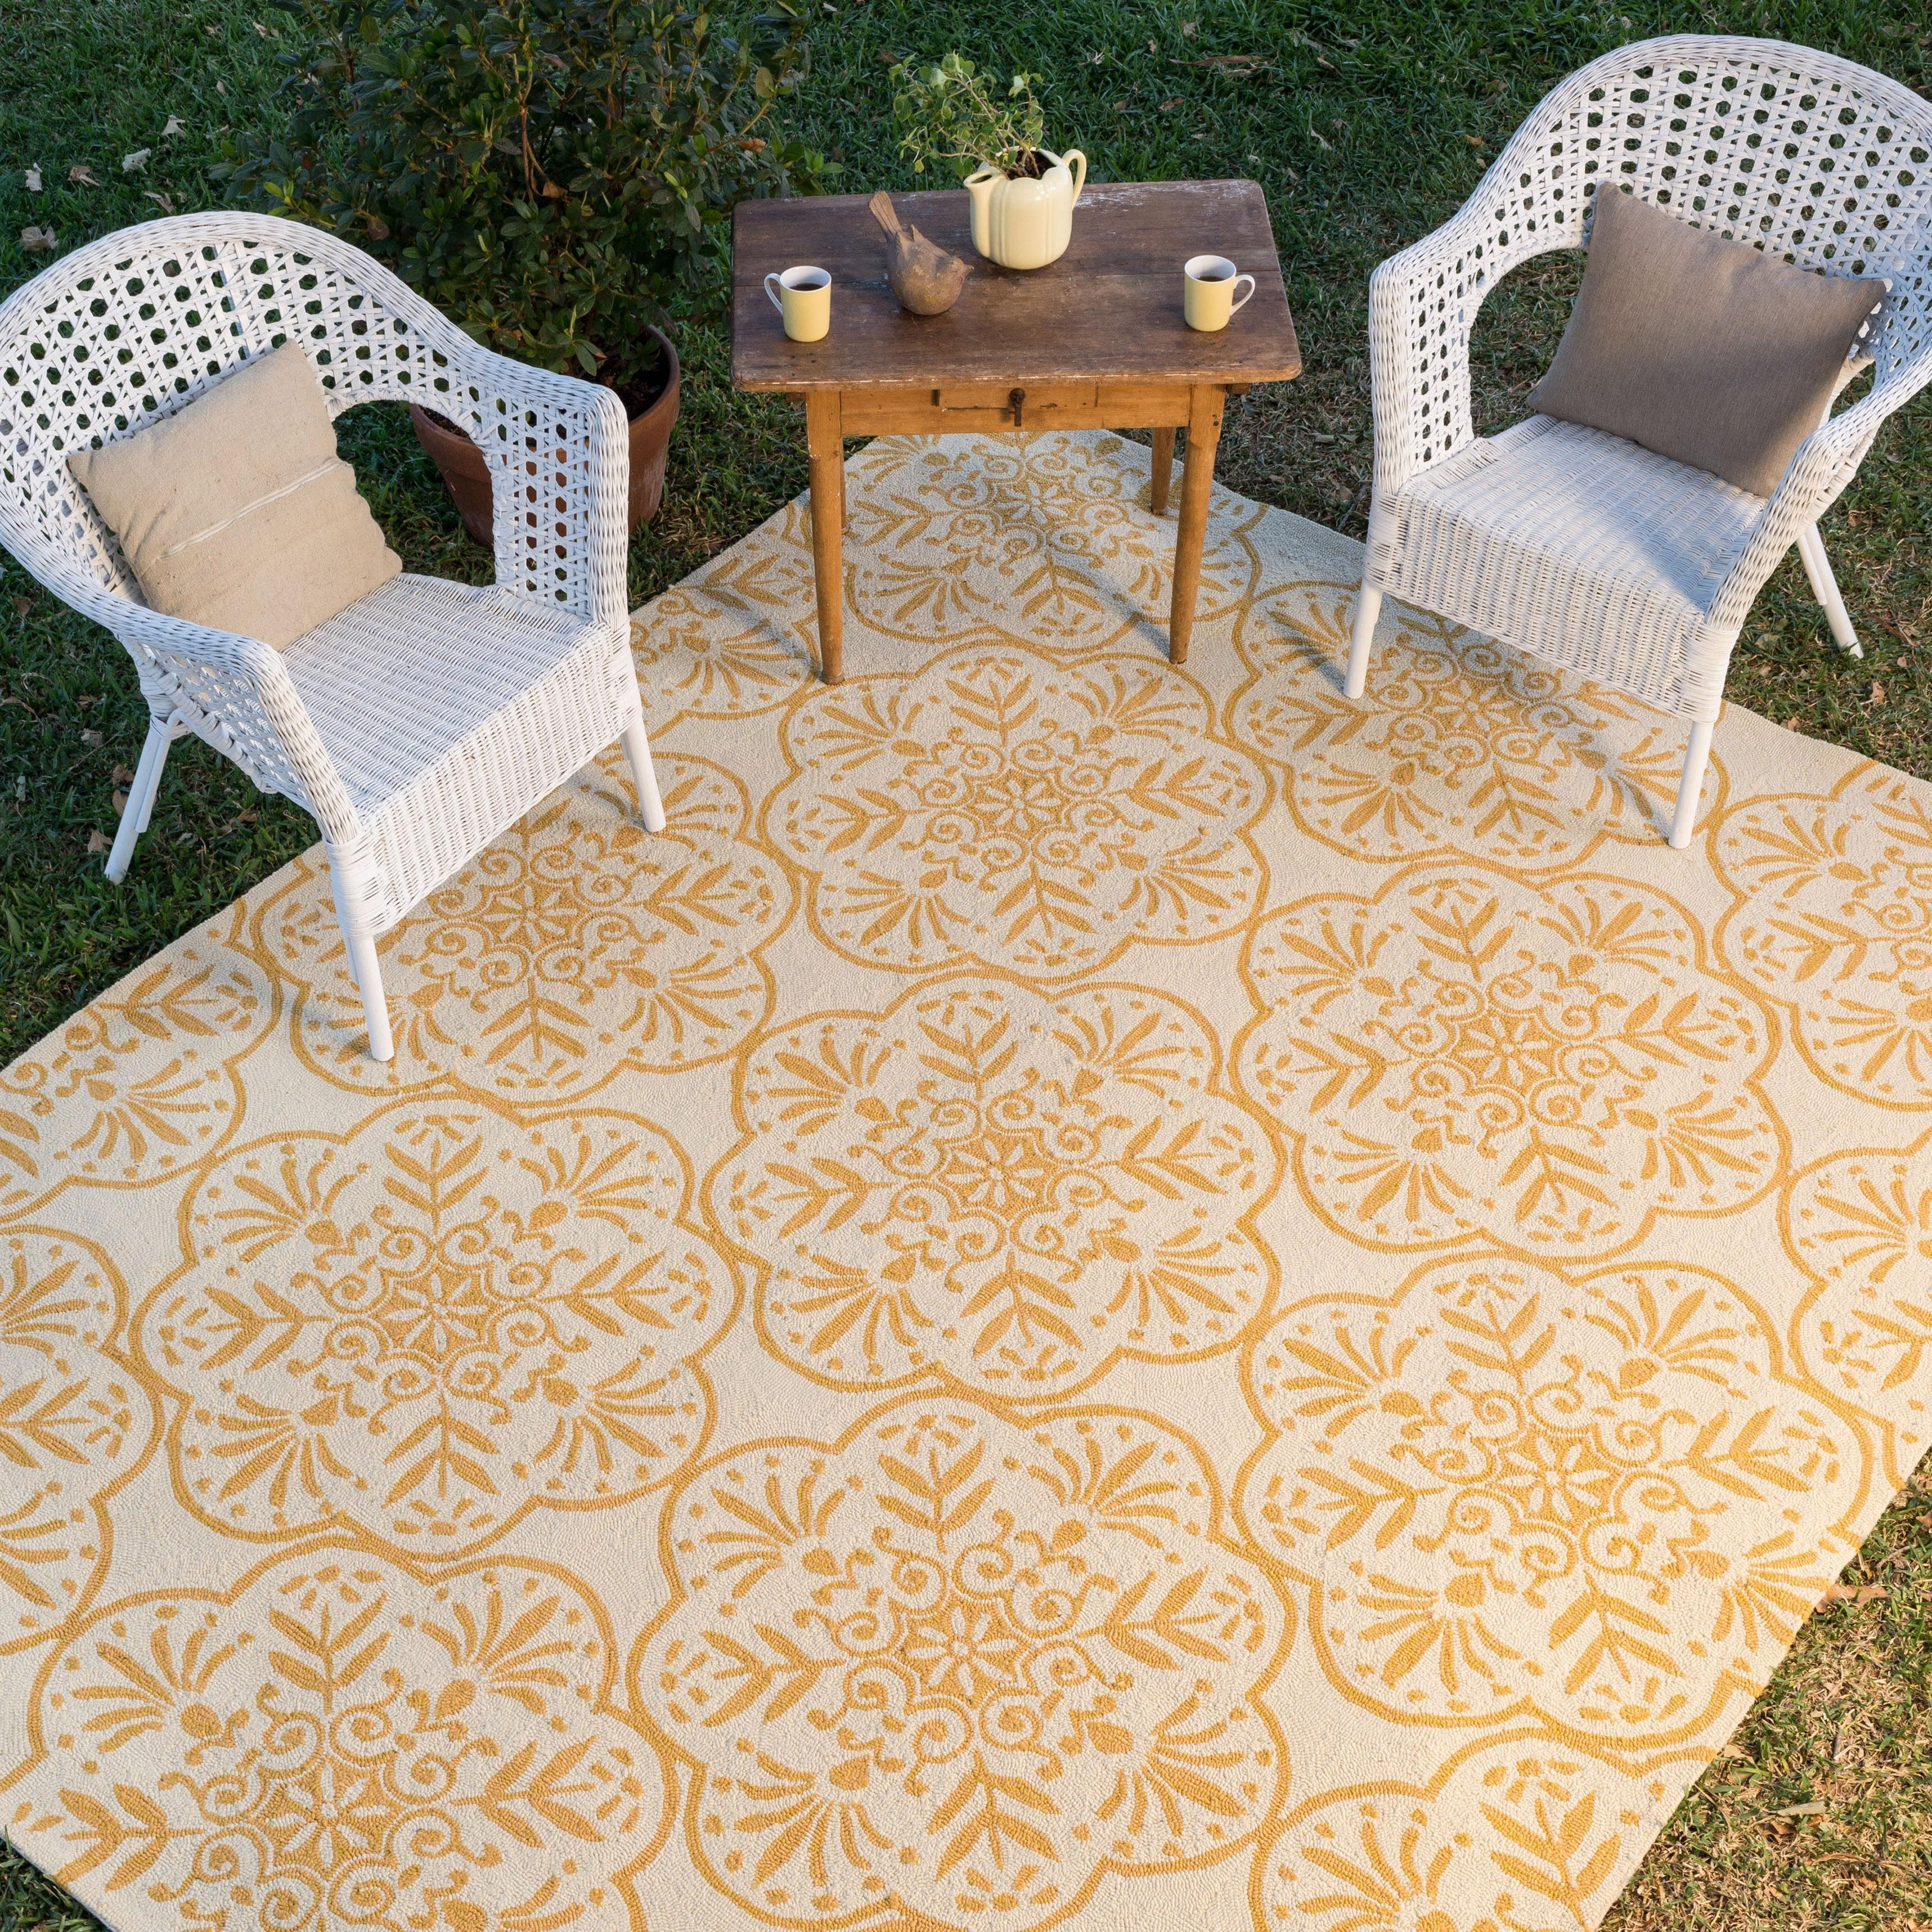 Alexander Home Capri Oriental Floral Hand Hooked Indoor Outdoor Rug Overstock 7751691 Ivory Buttercup 3 6 X 5 6